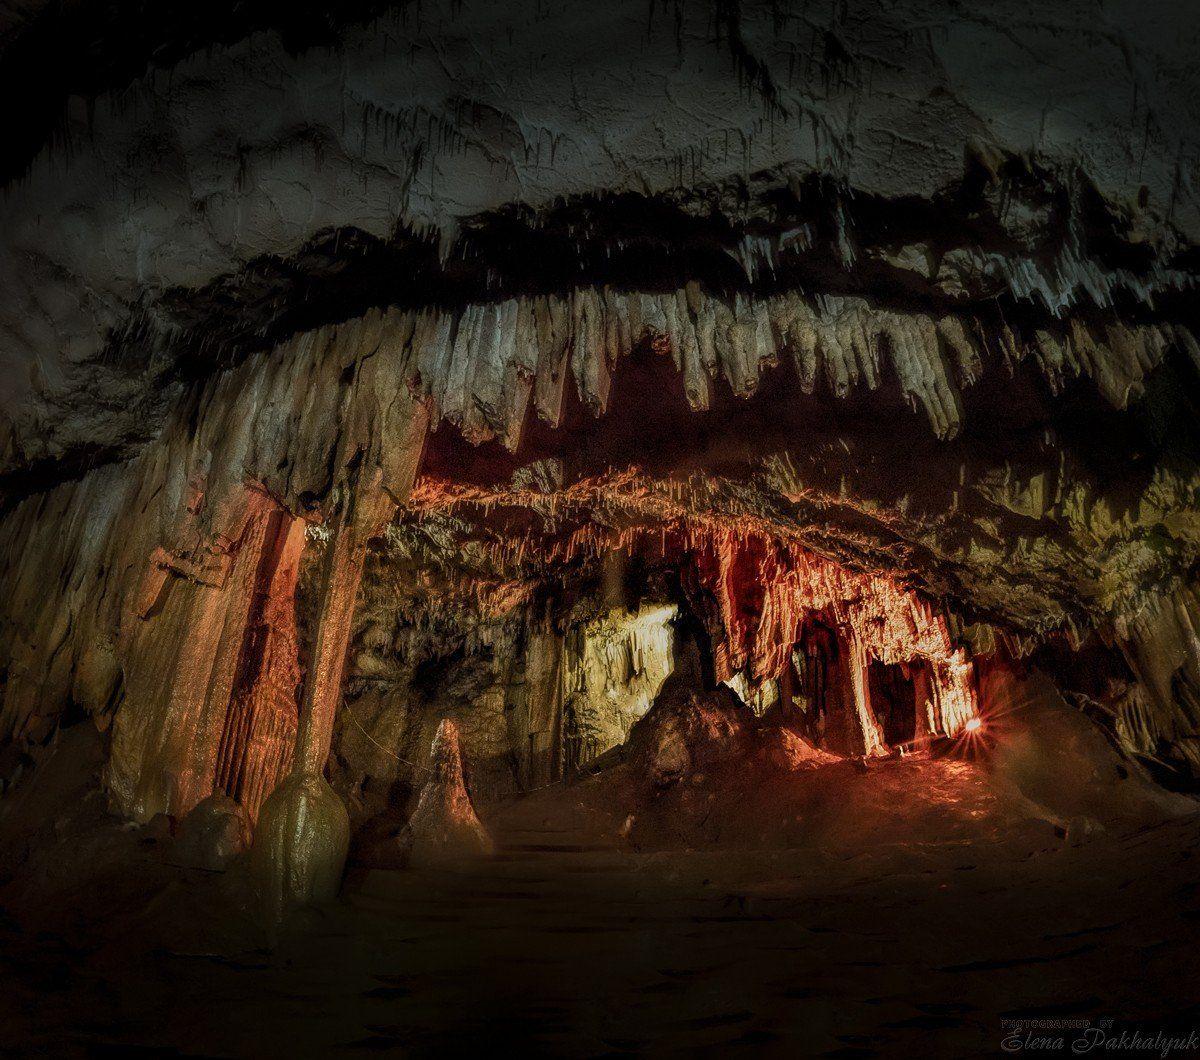 пещеры,природа,абхазия,фототур,пейзаж,грот,подземлей,абрскил, Elena Pakhalyuk